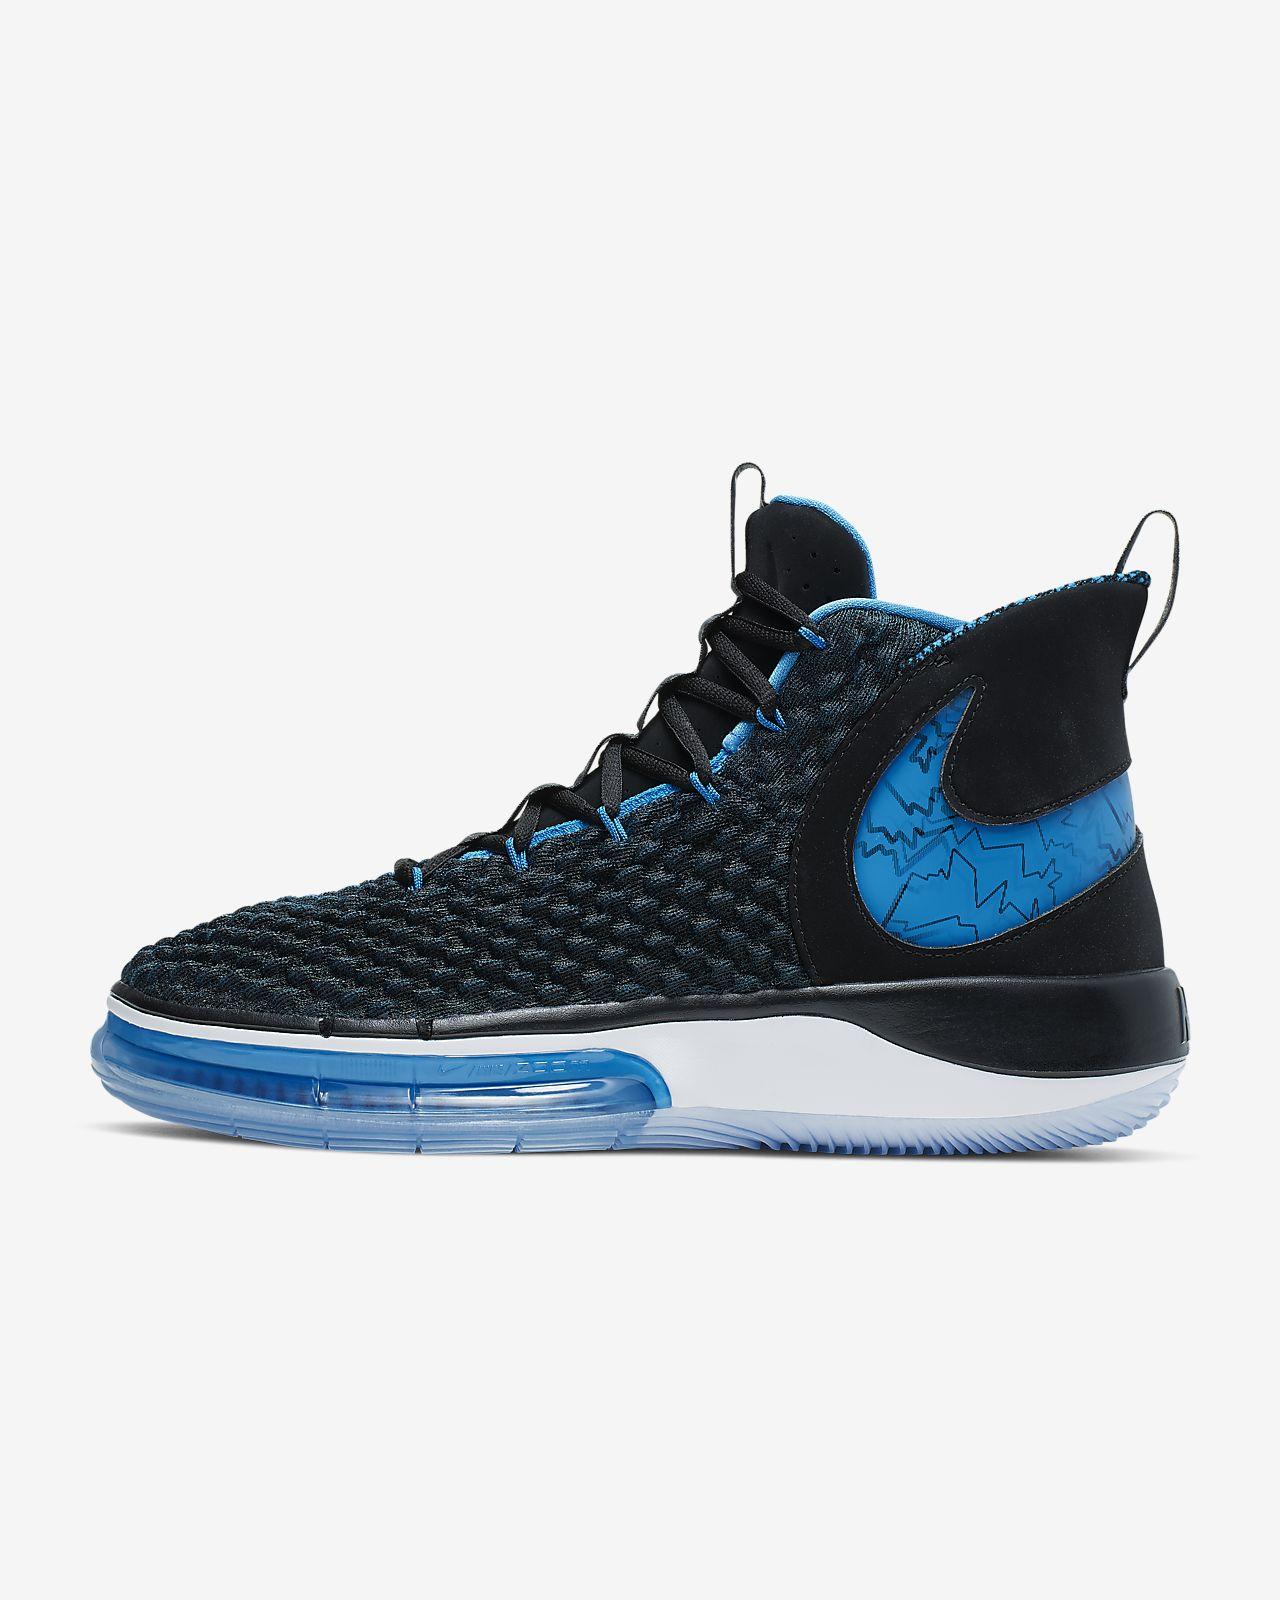 Nike AlphaDunk Zapatillas de baloncesto